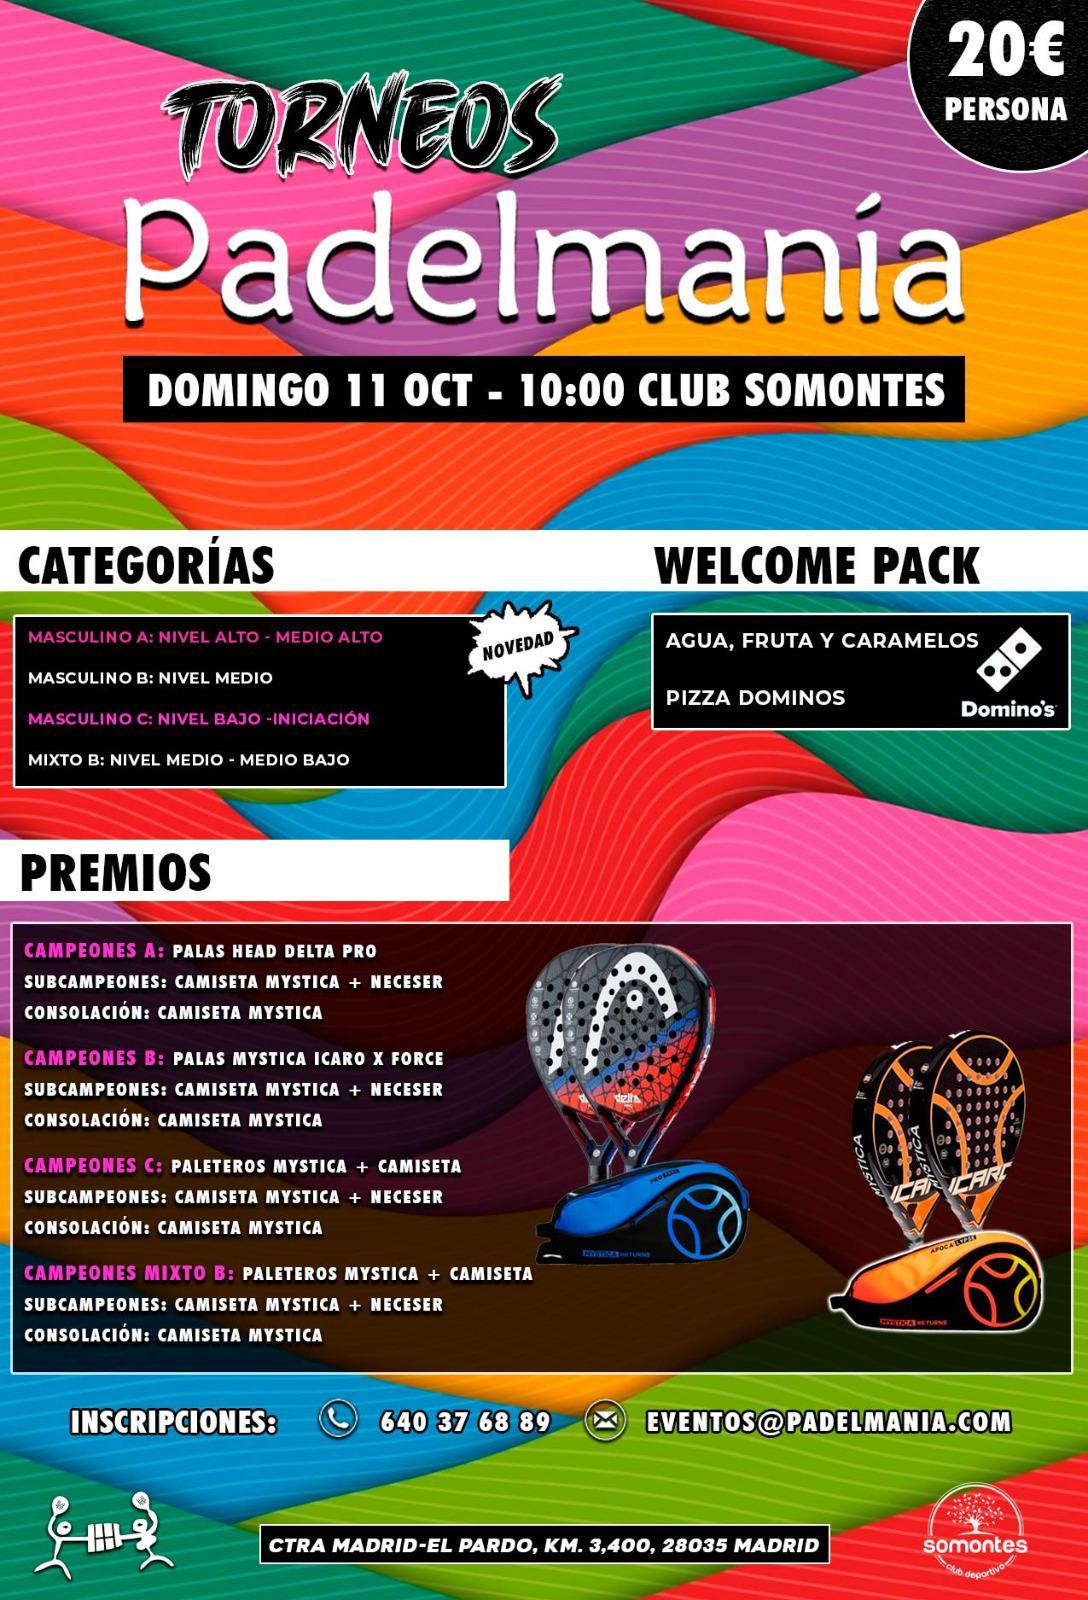 Torneos Padelmanía: A tope de diversión